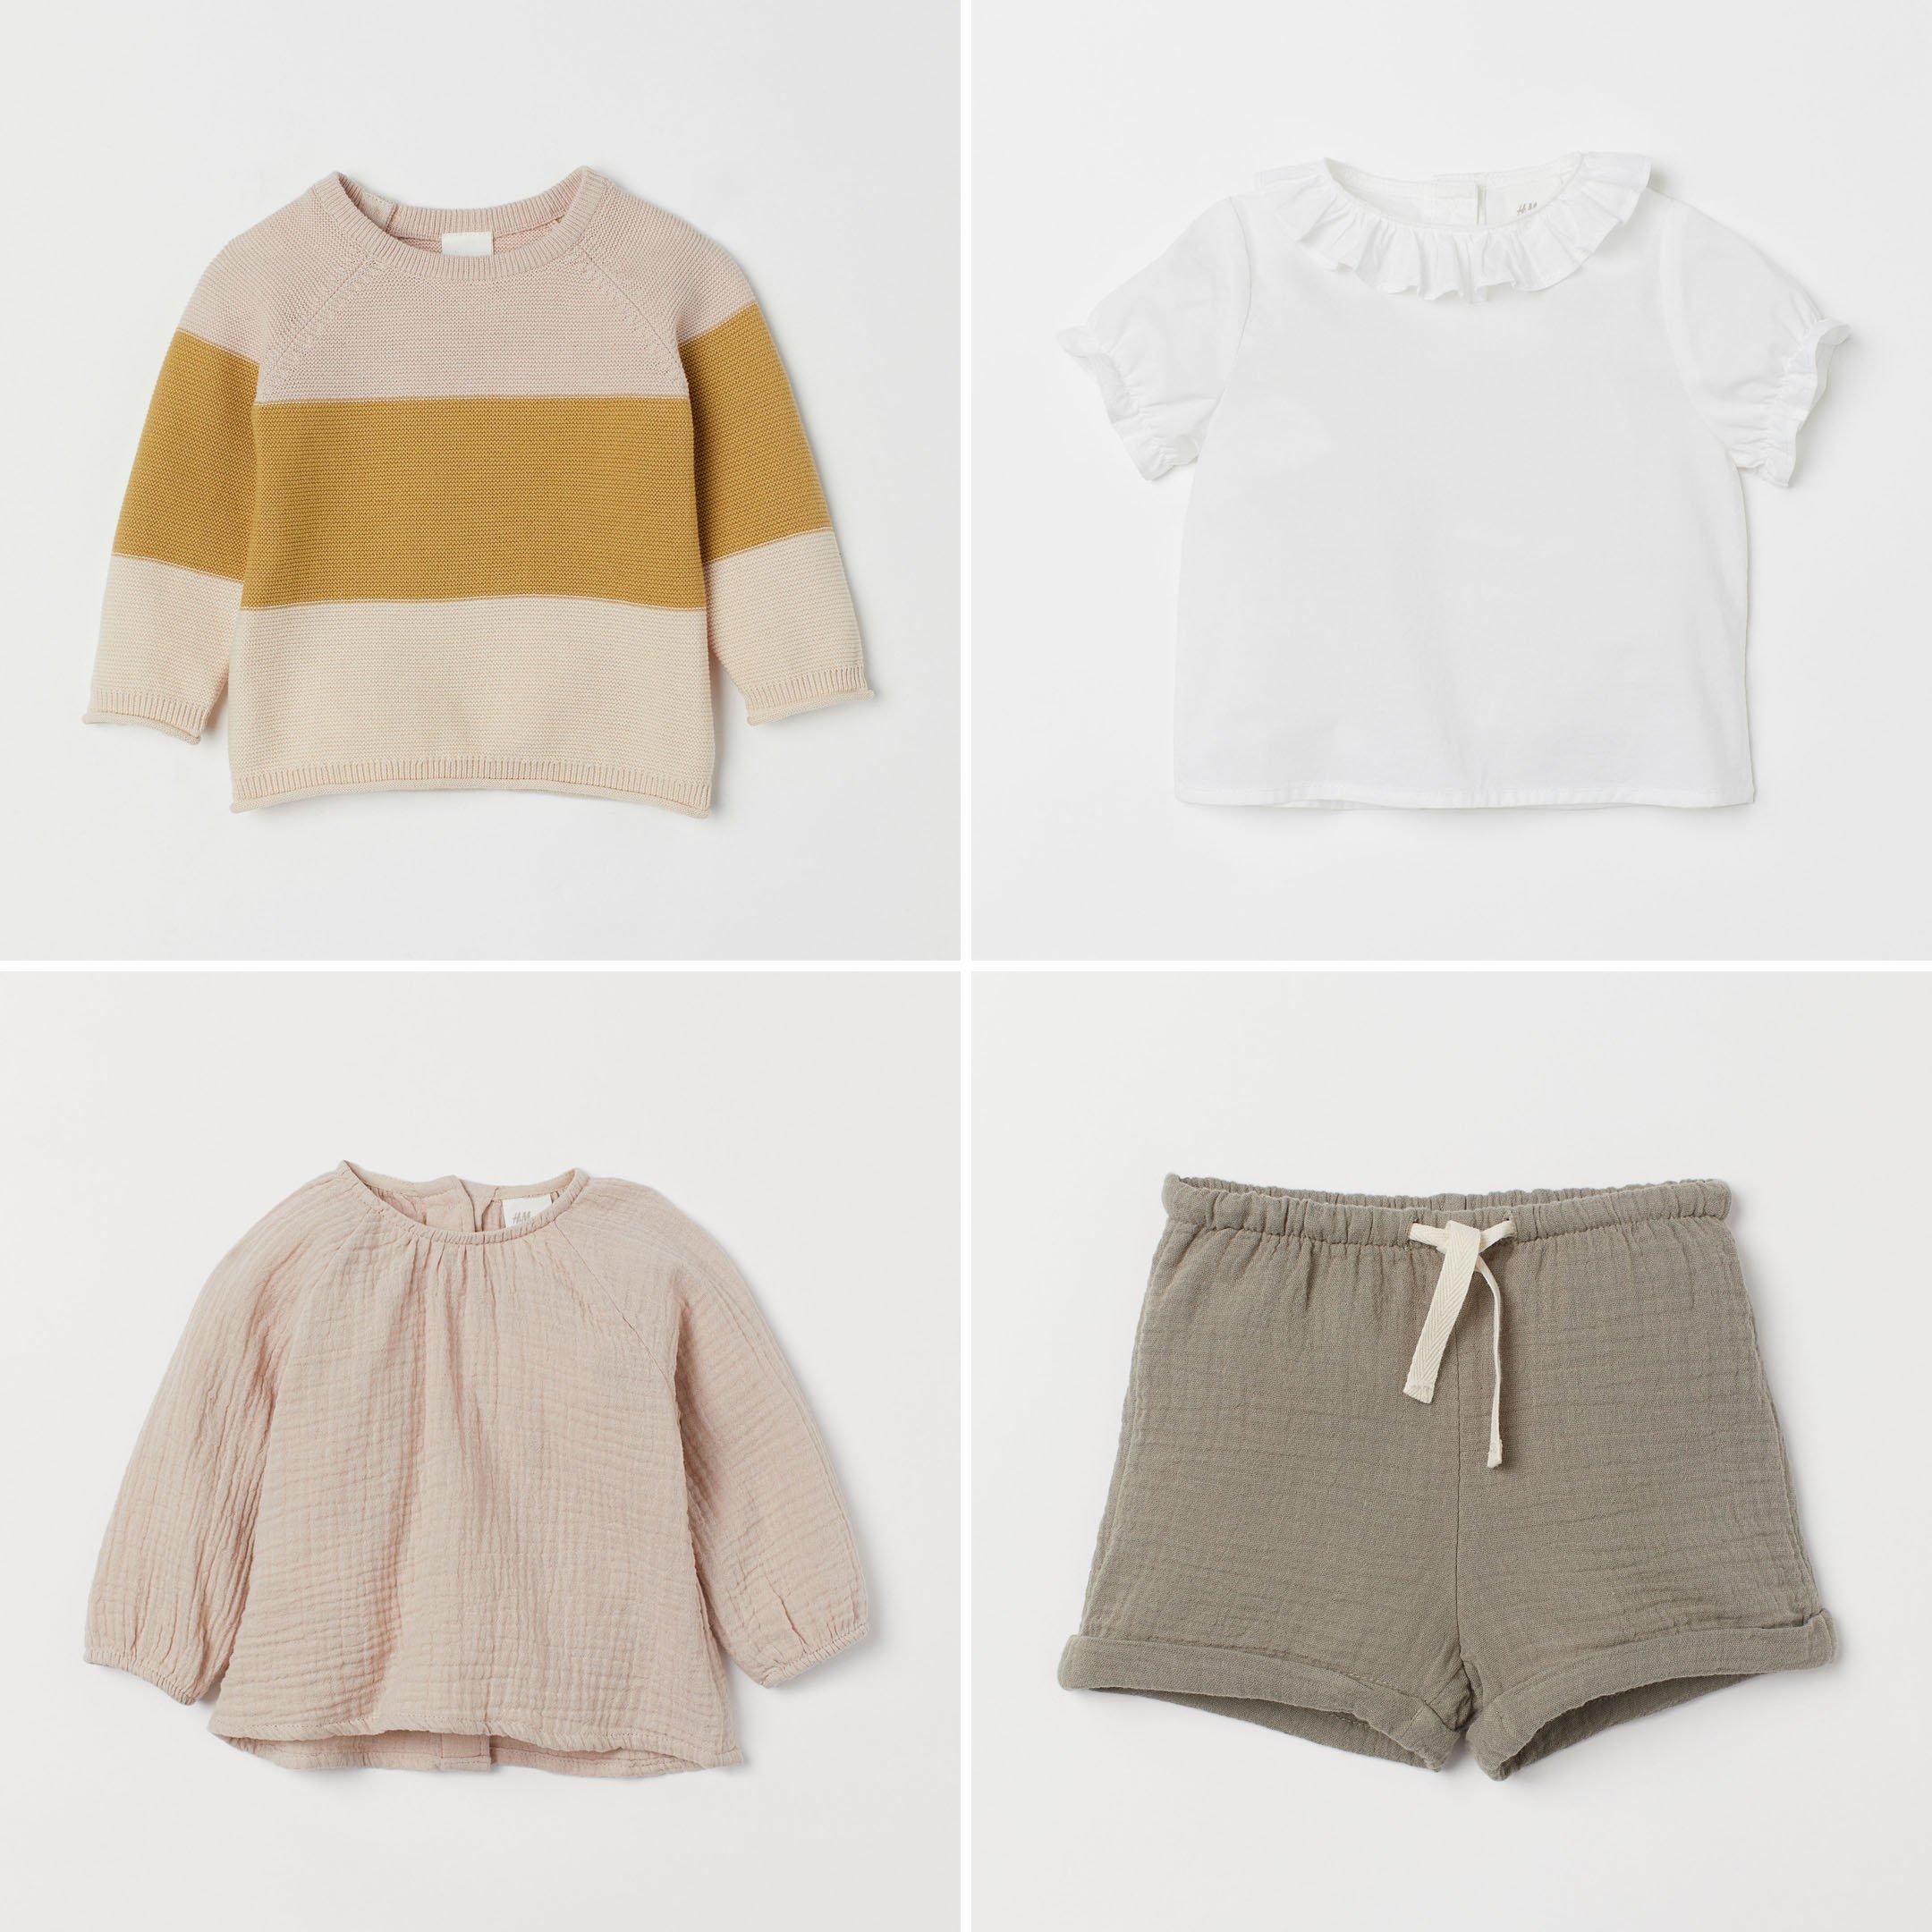 Harper's Spring wardrobe